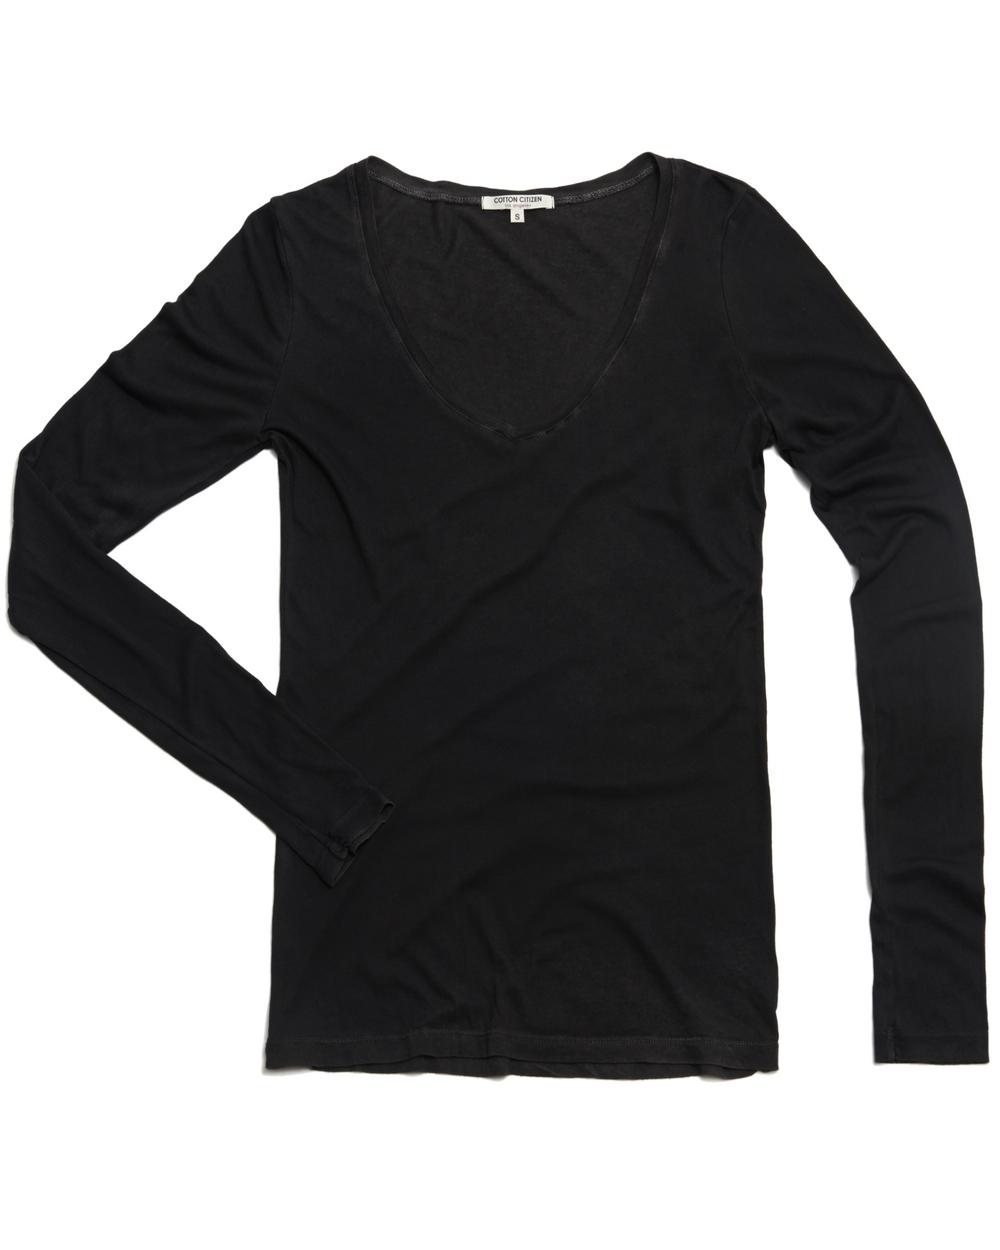 Cotton Citizen Long Sleeve V-Neck Shirt Loungewear for Women